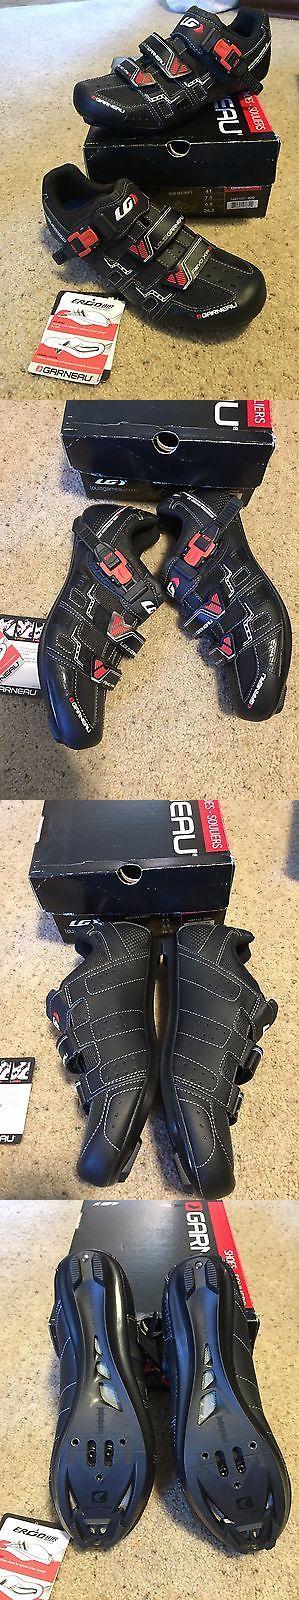 Women 158987: New In Box Louis Garneau Revo Xr3 Black Red Cycling Shoes Women Sz Eu41 Us 7.5 -> BUY IT NOW ONLY: $49.95 on eBay!